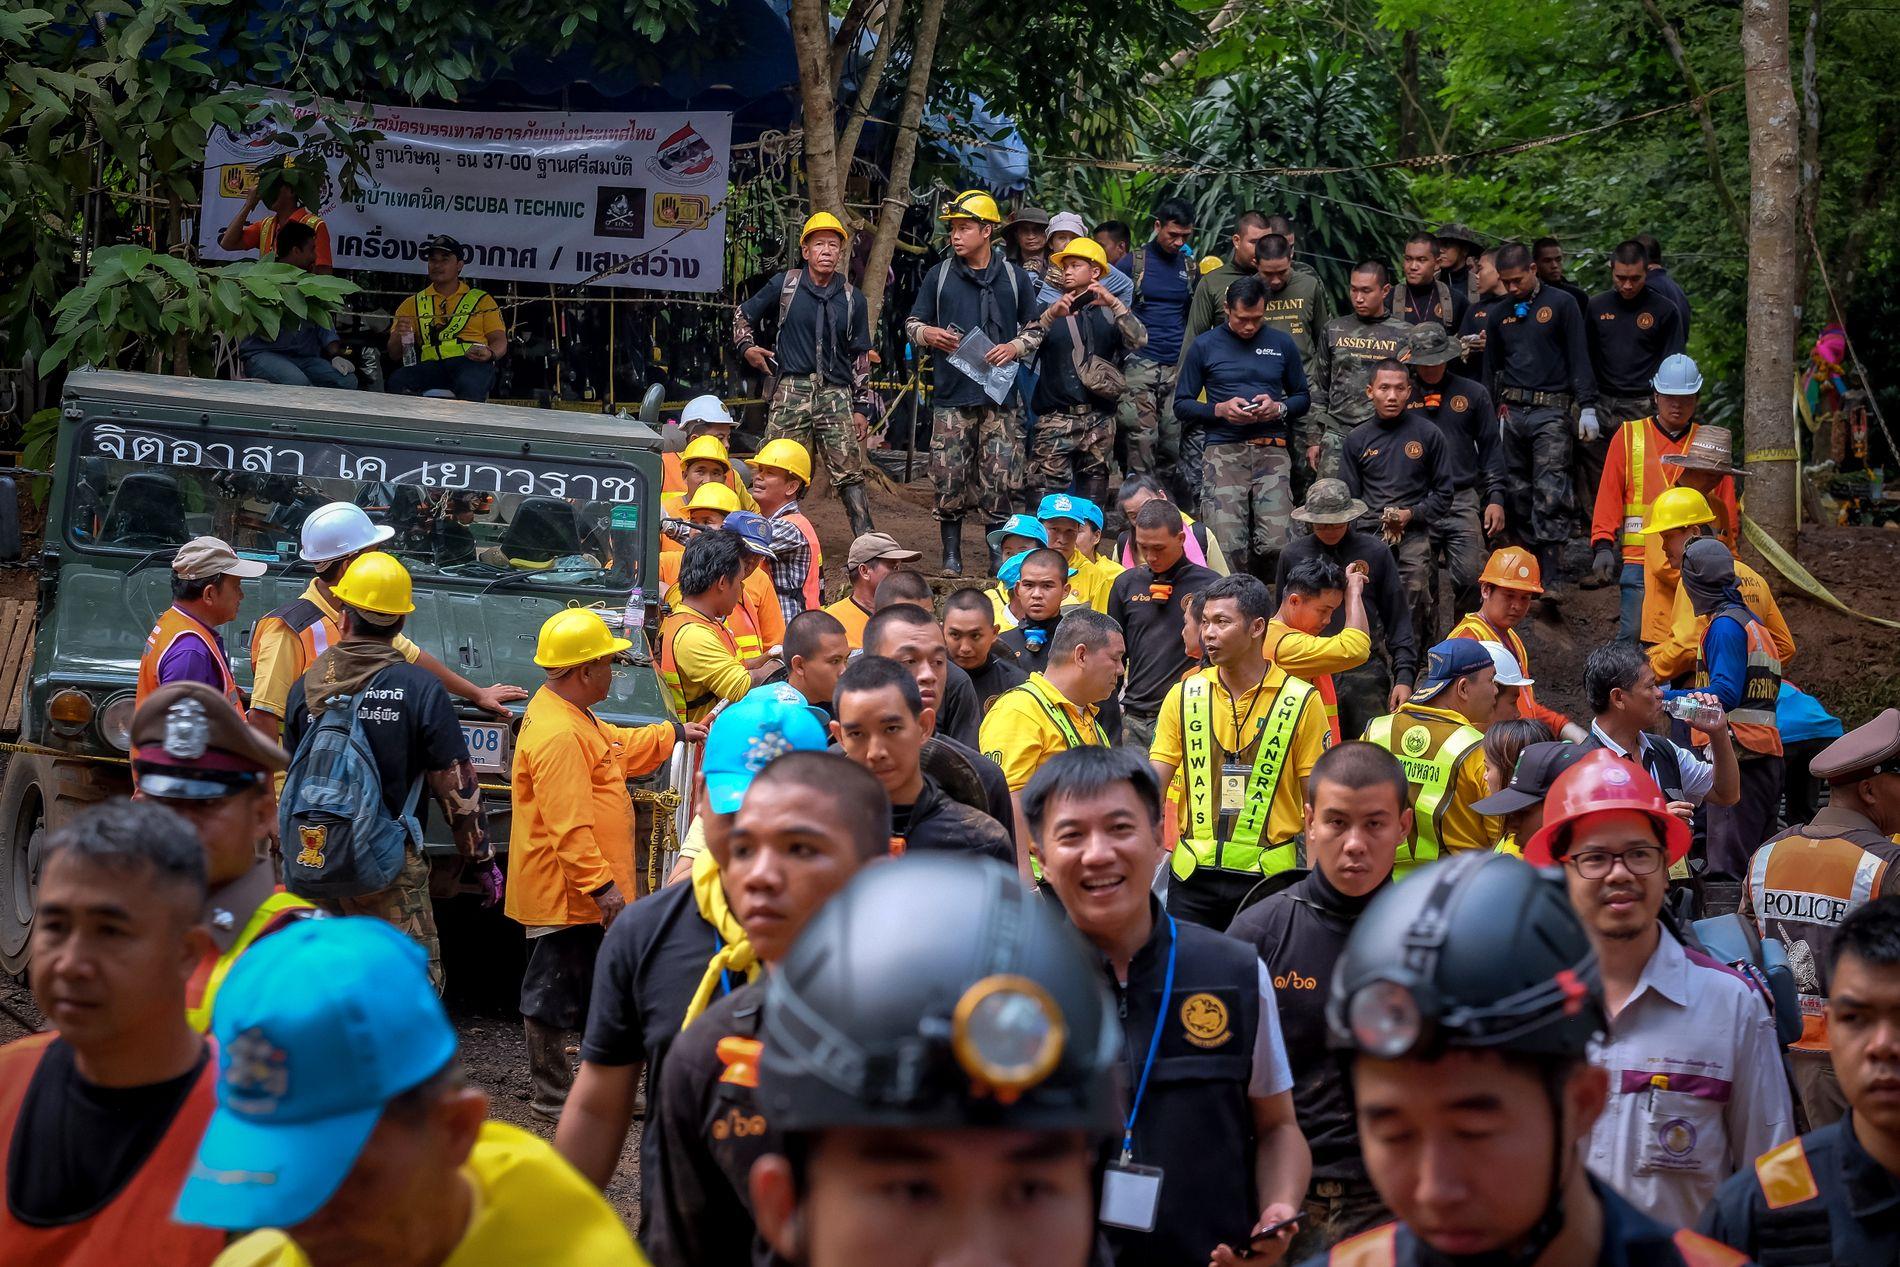 KJEMPEOPERASJON: Rundt 1000 mennesker deltar i den internasjonale redningsoperasjonen.